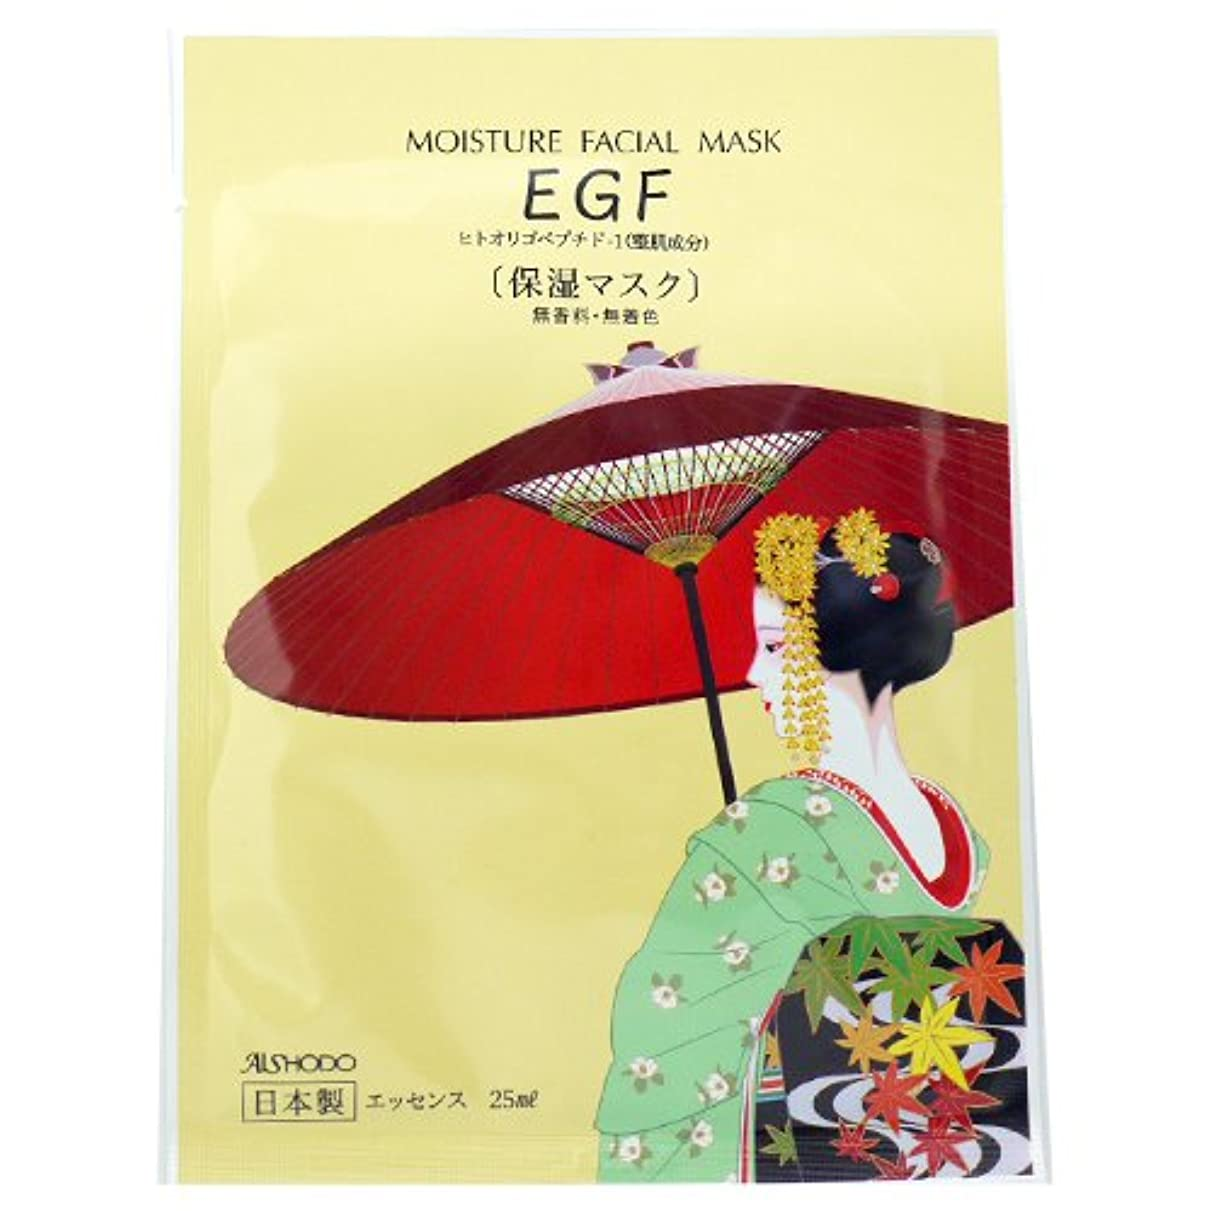 意味するプラットフォーム哺乳類愛粧堂 舞妓着物マスク EGF 1枚